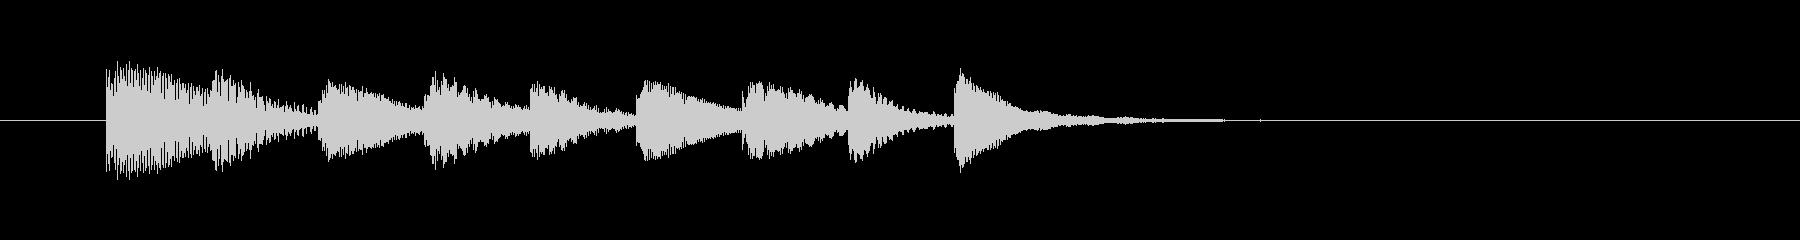 木琴のシンプルなジングルの未再生の波形